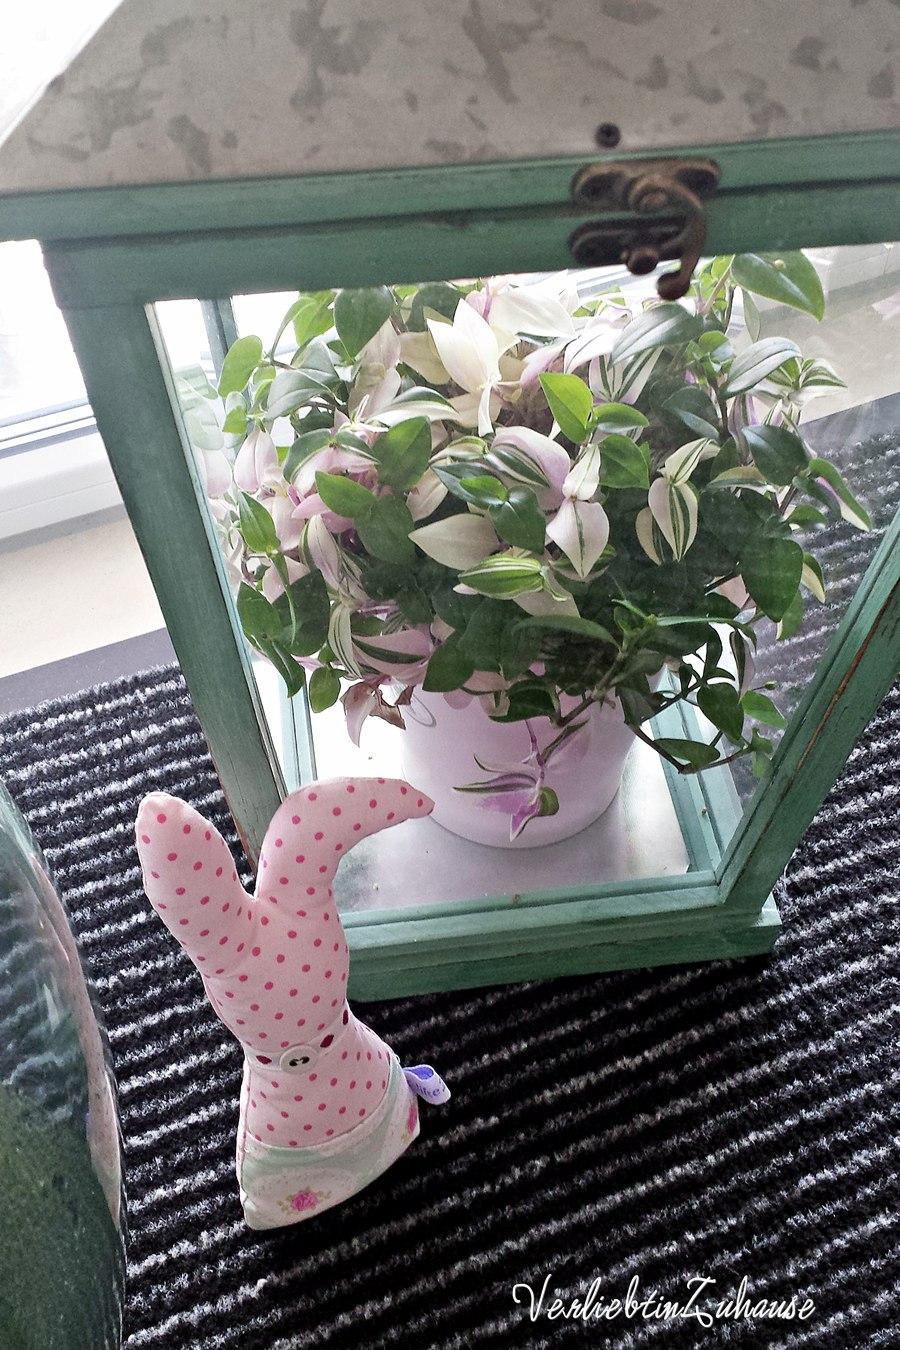 Rosa panaschierte Grünpflanze in Laterne mit Osterhase davor